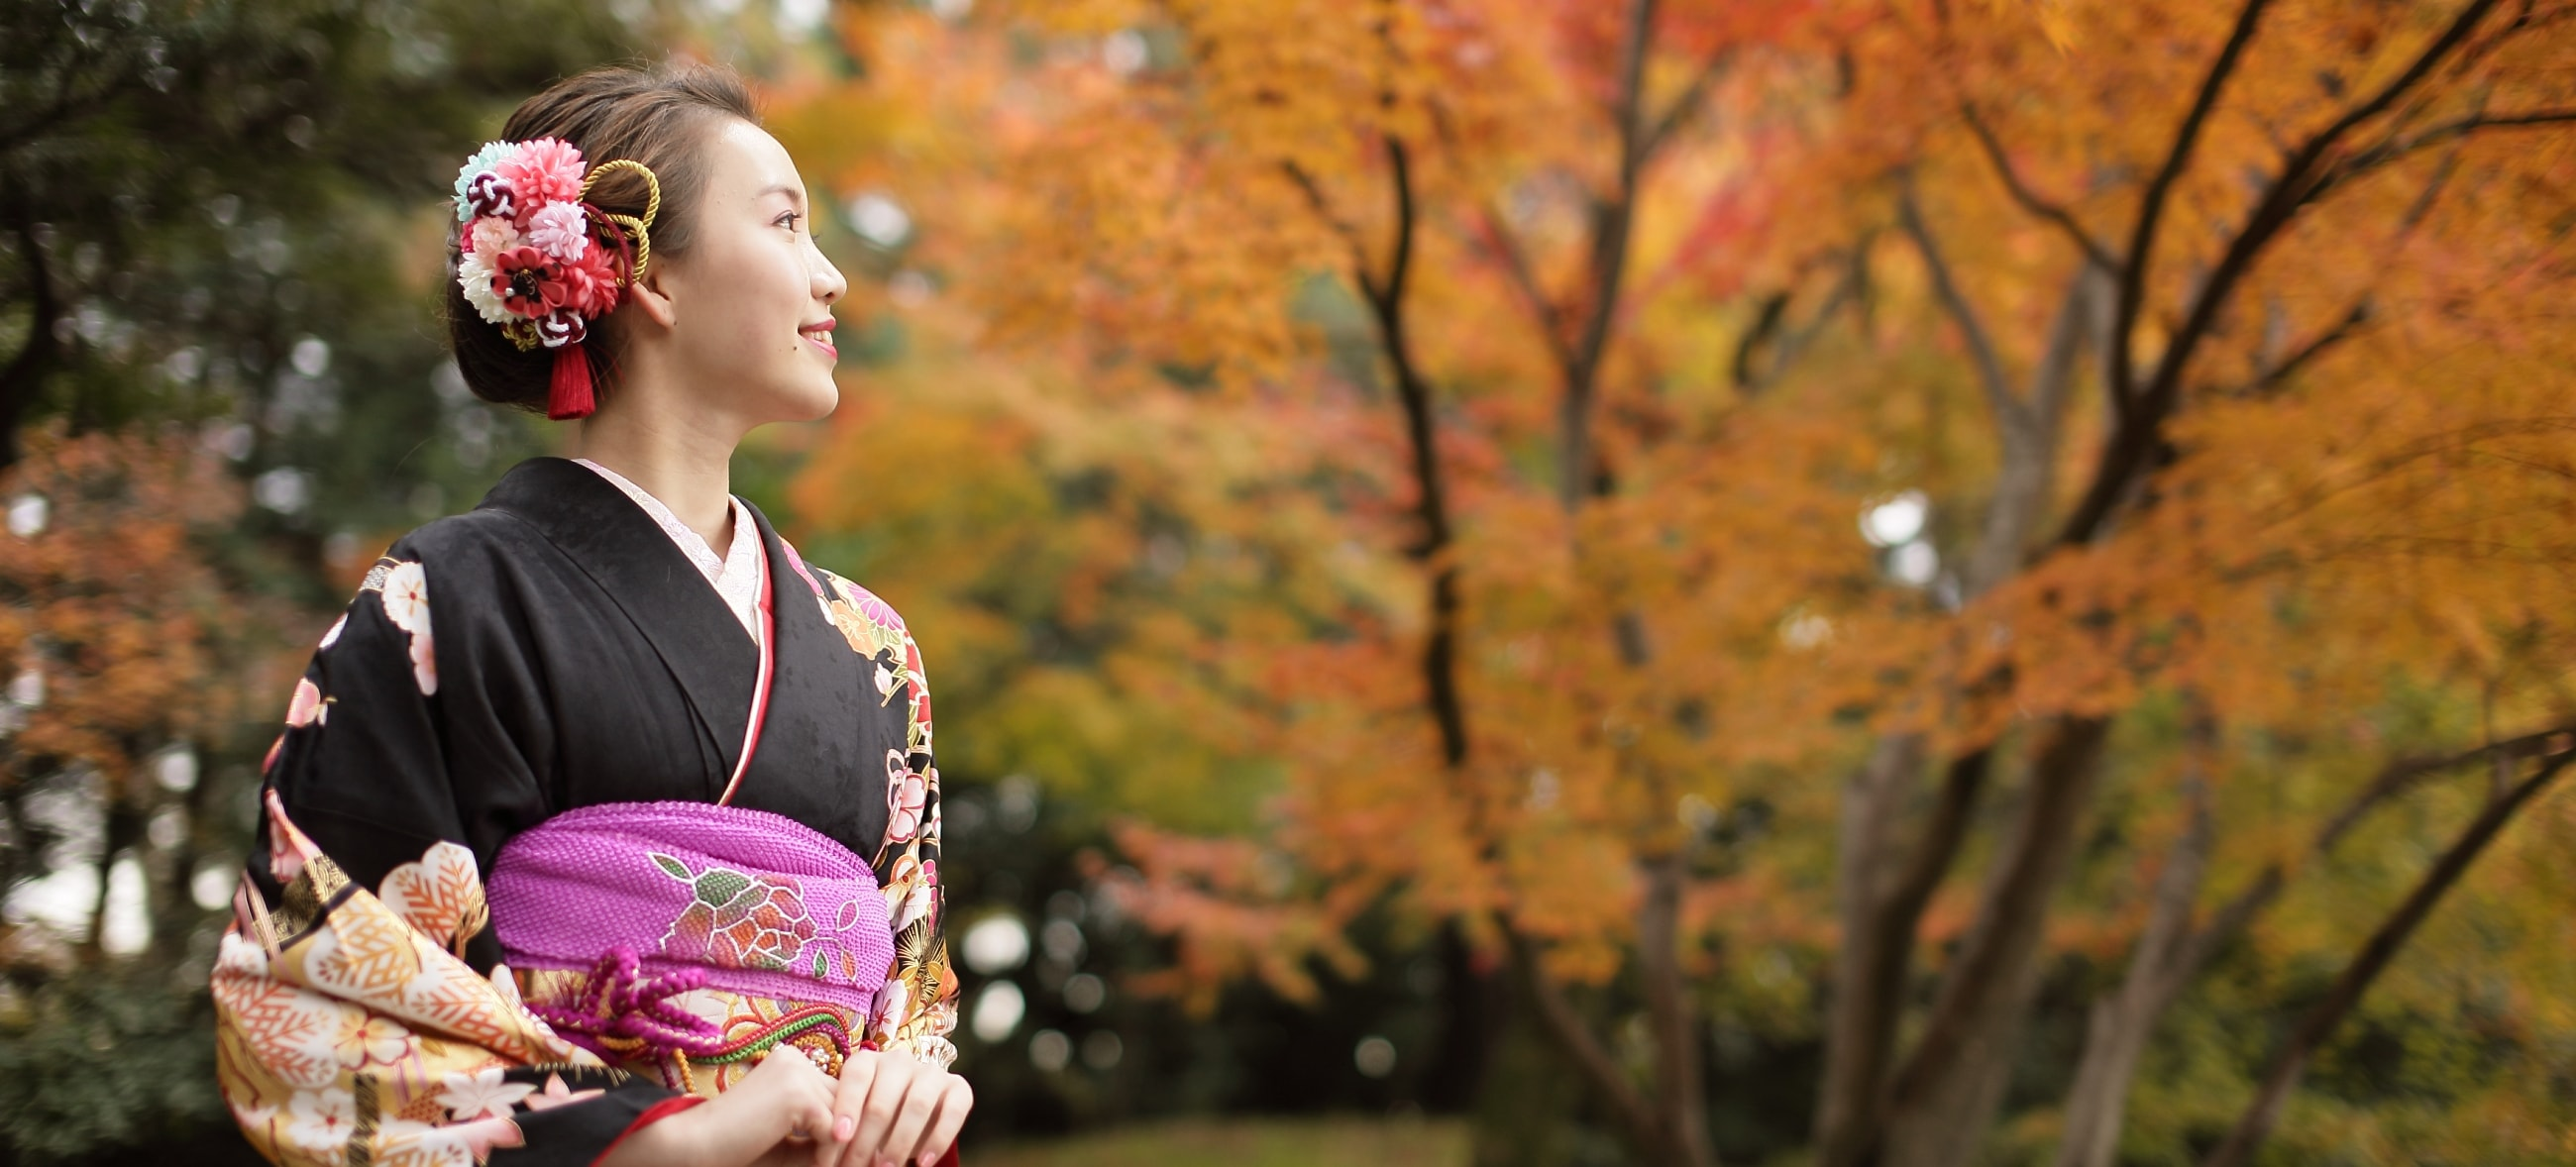 京都写真館和華でウェディングフォト撮影